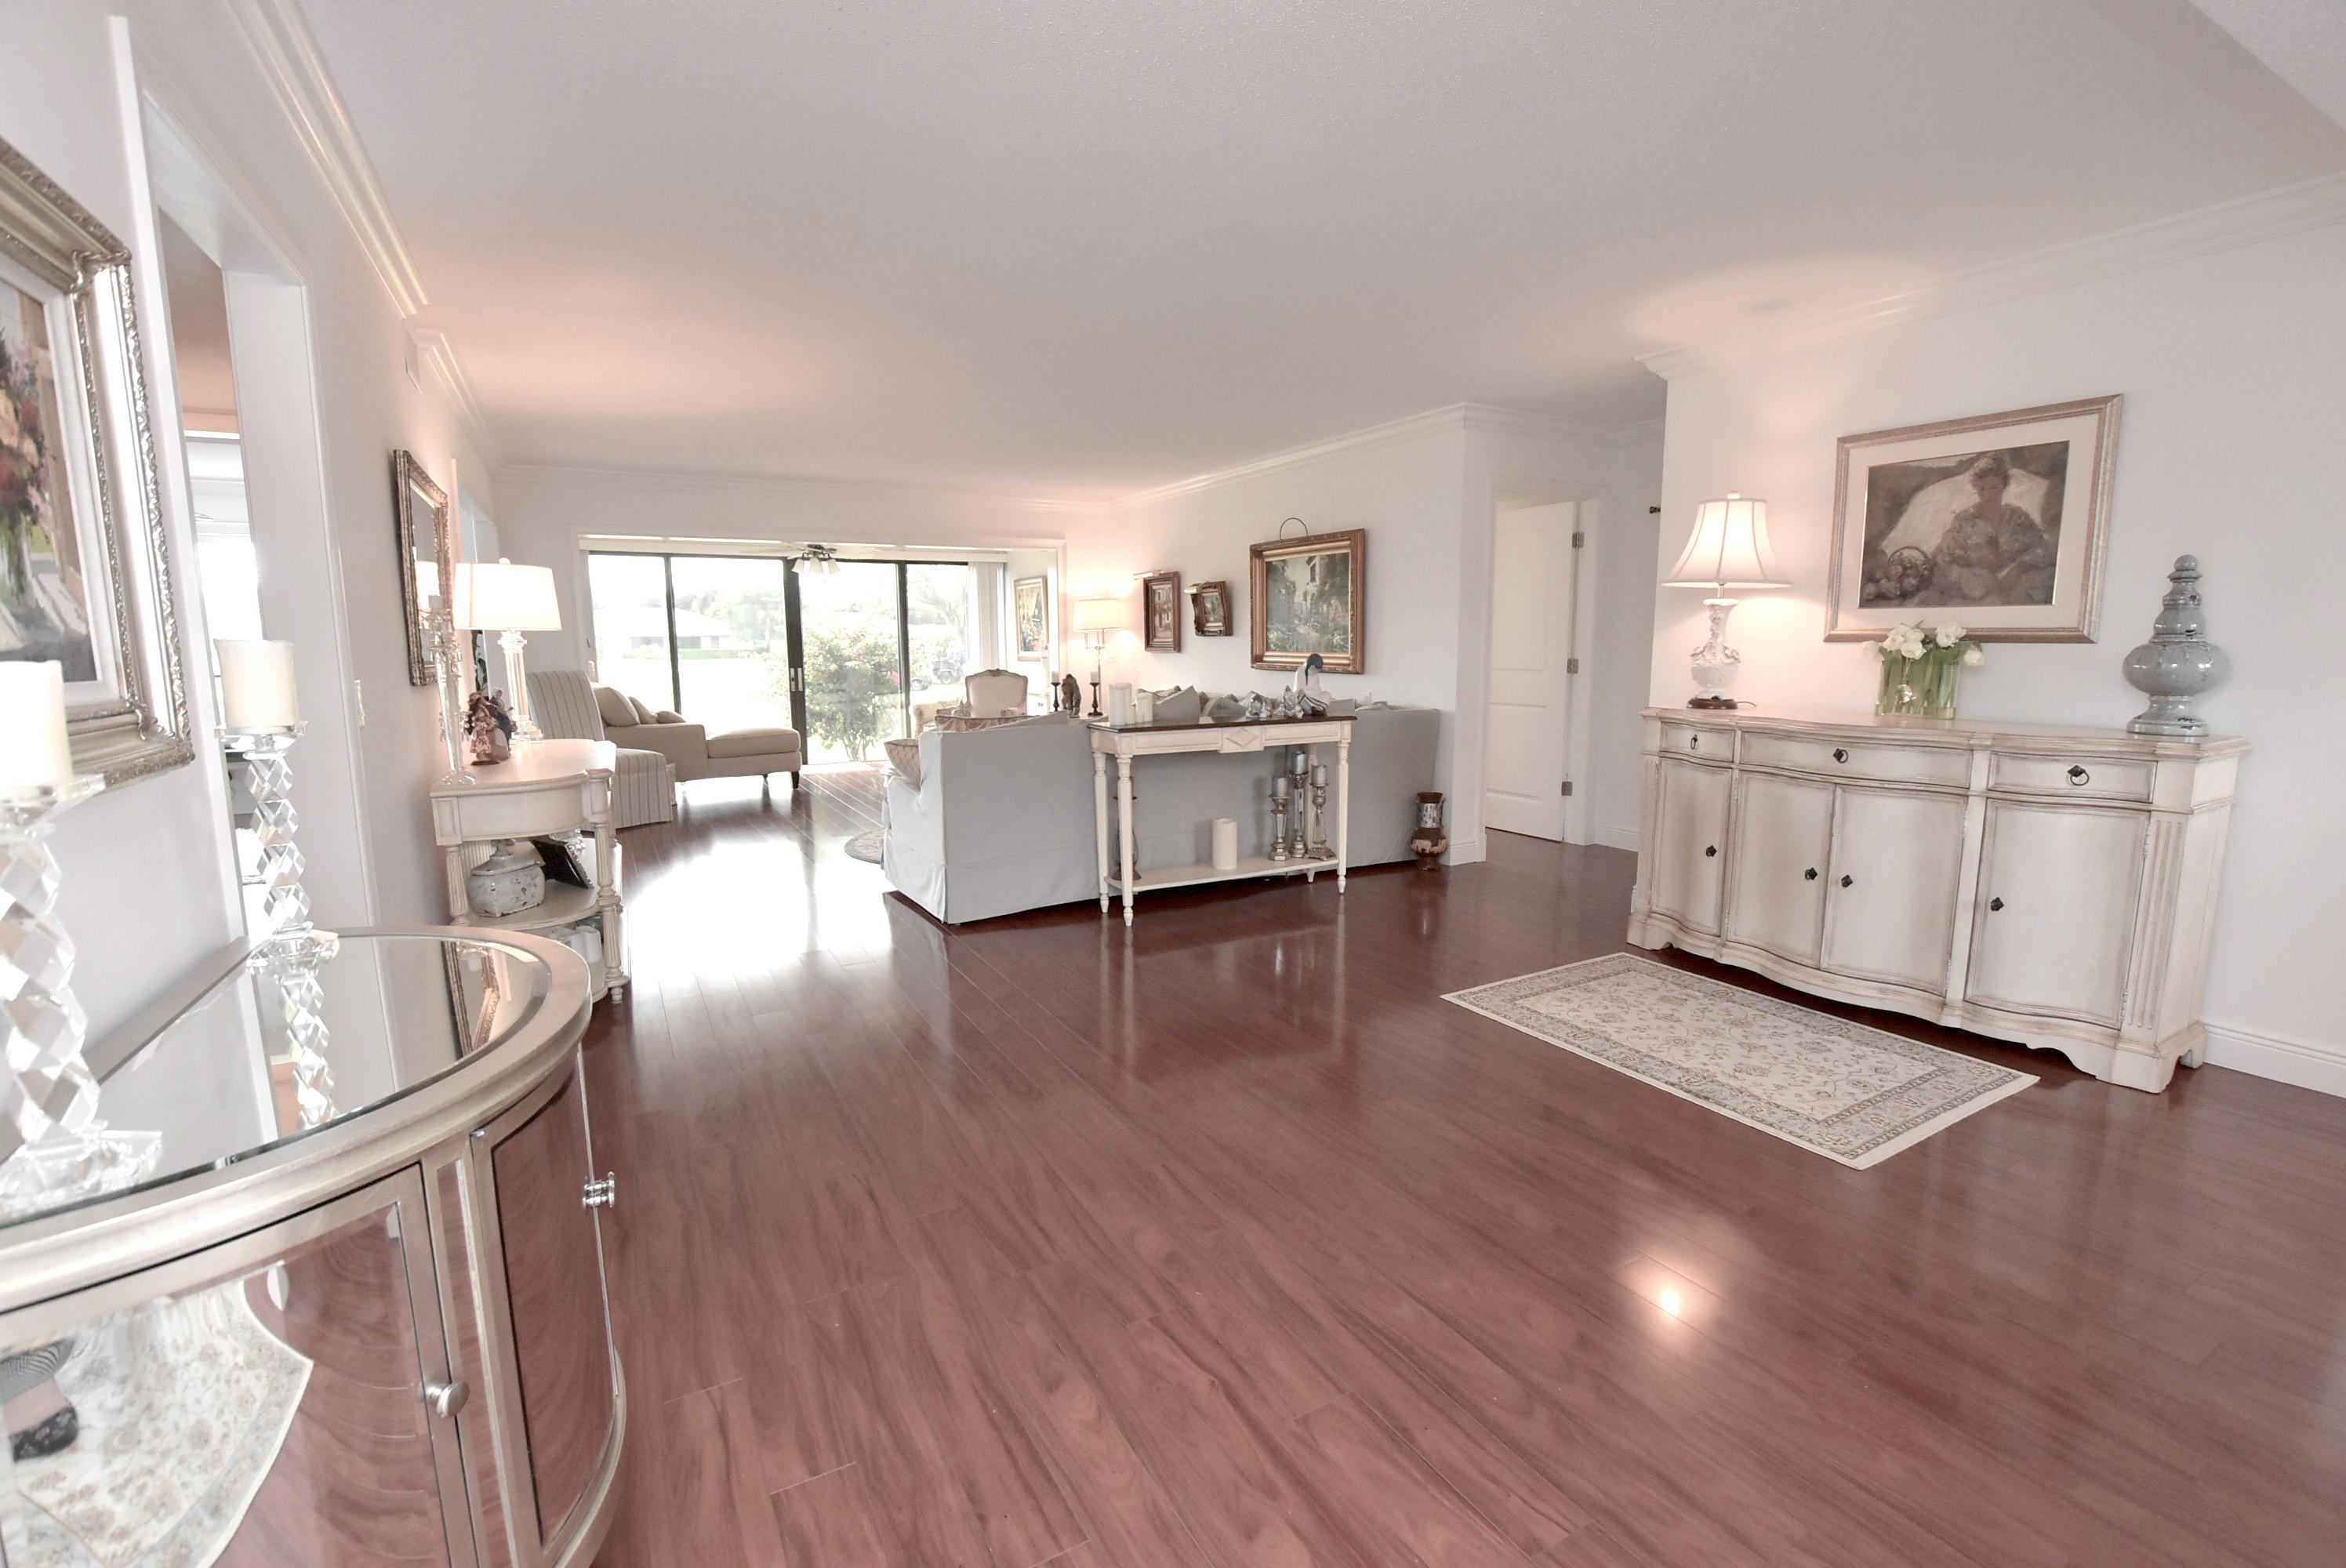 Home for sale in Hibiscus S. Boynton Beach Florida